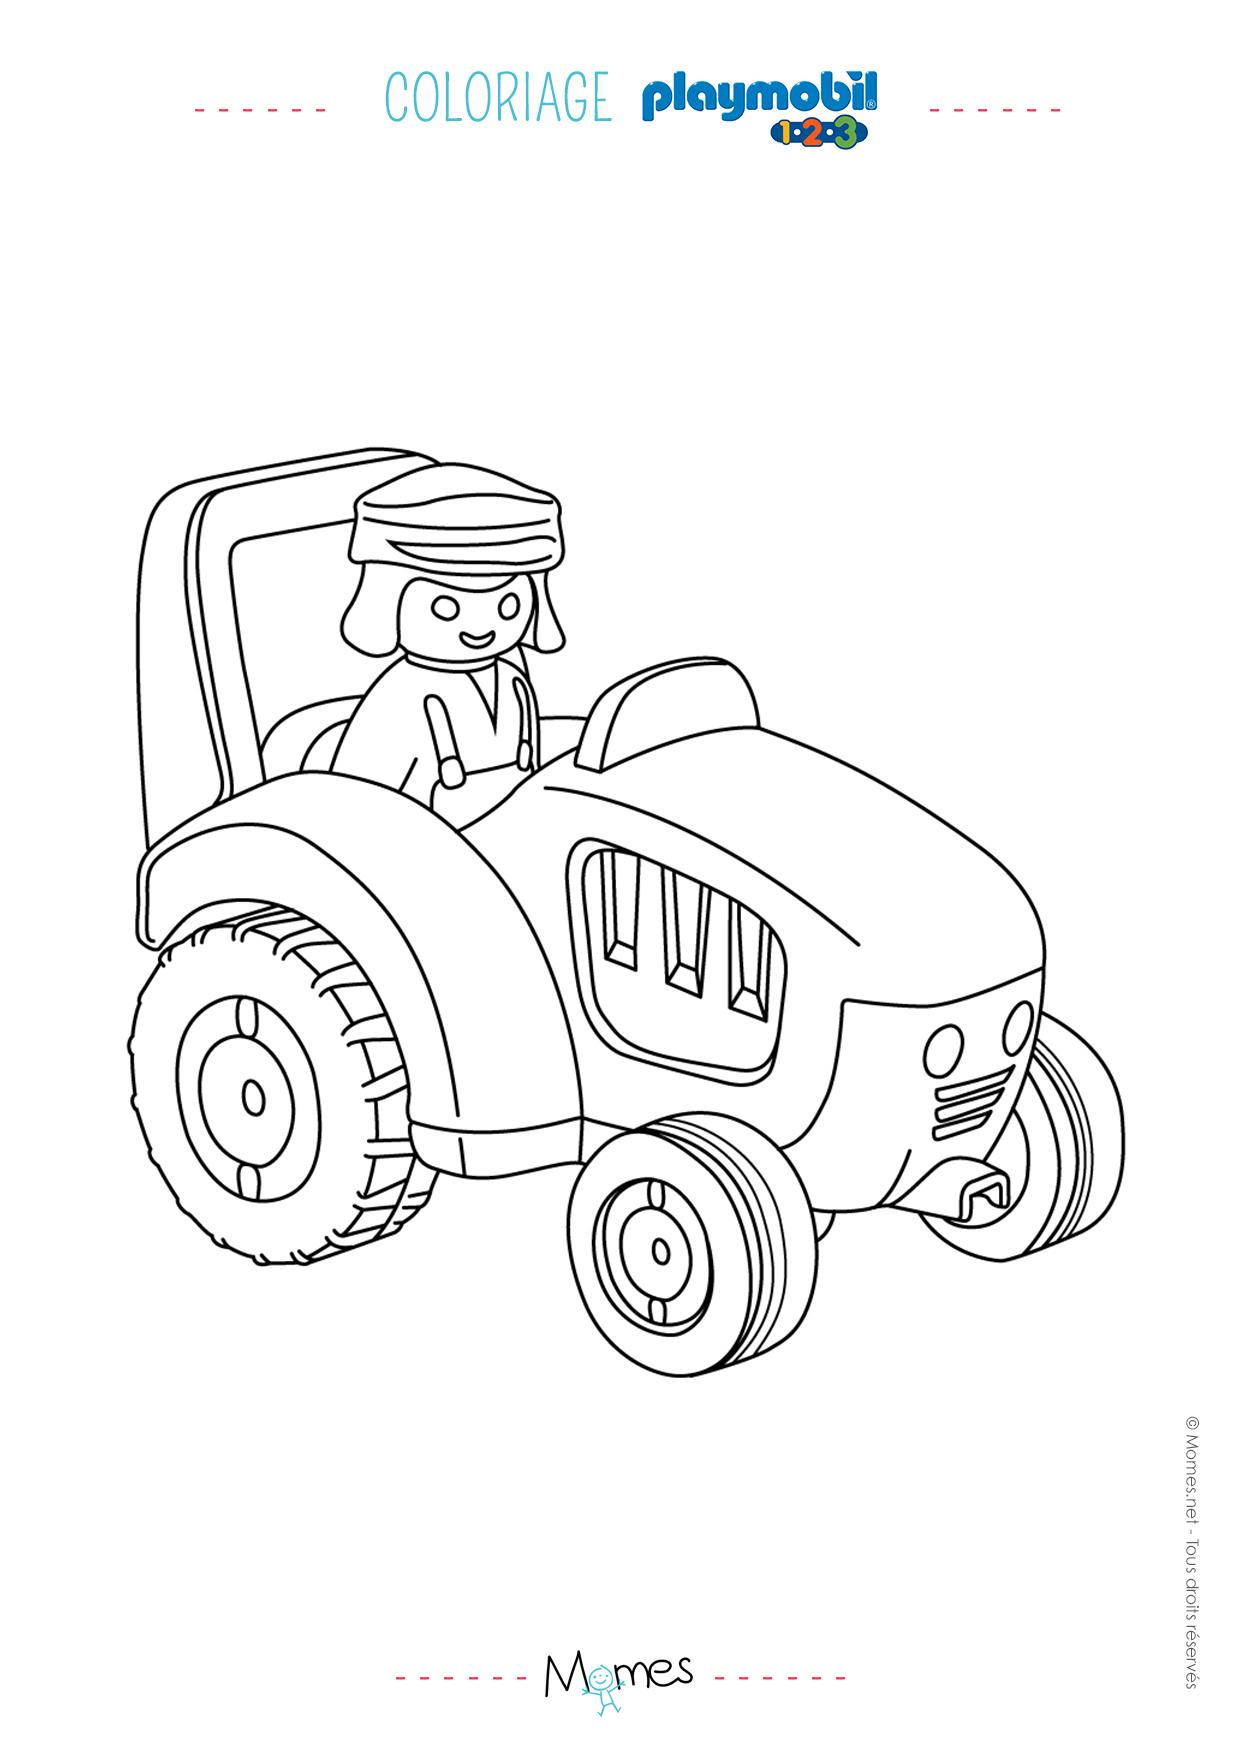 Coloriage le fermier et le tracteur de playmobil 123 - 123 coloriage ...